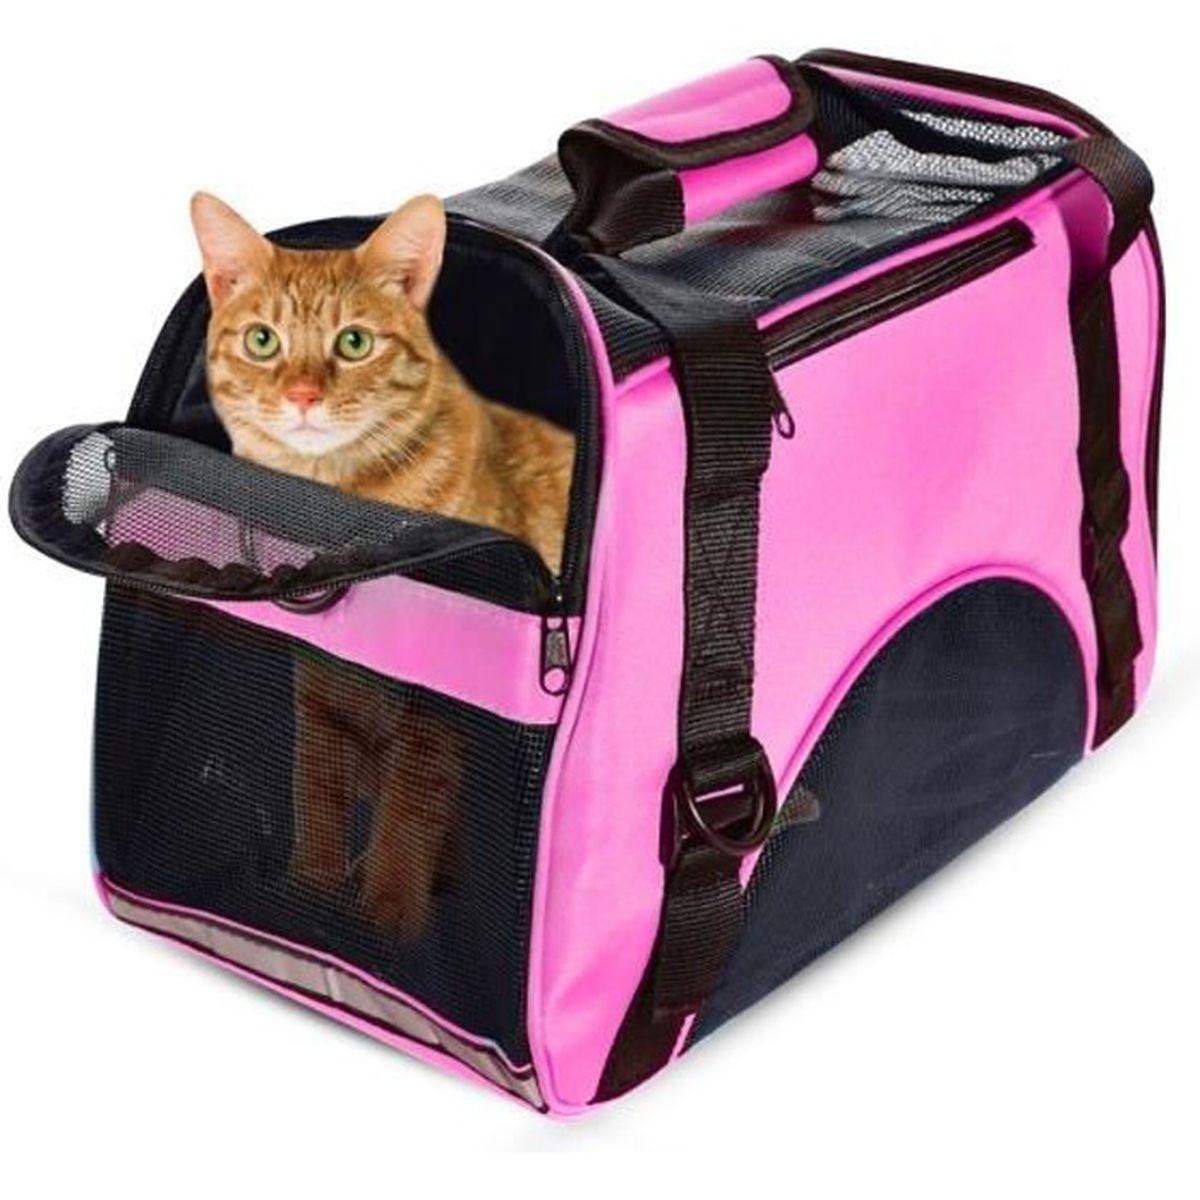 Souple transporteur sac de voyage /à bandouli/ère Sac /à main pour chien//chat Taille Petite Rouge